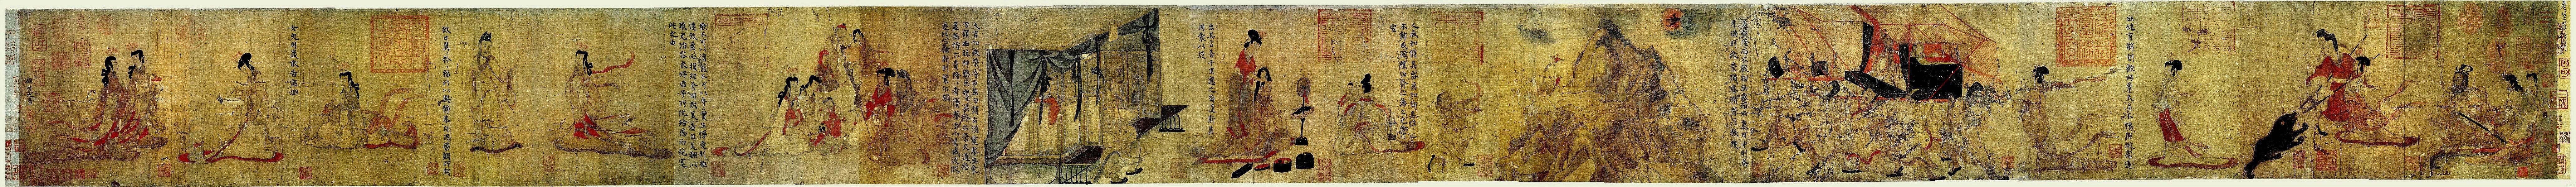 gu kaizhi - image 5